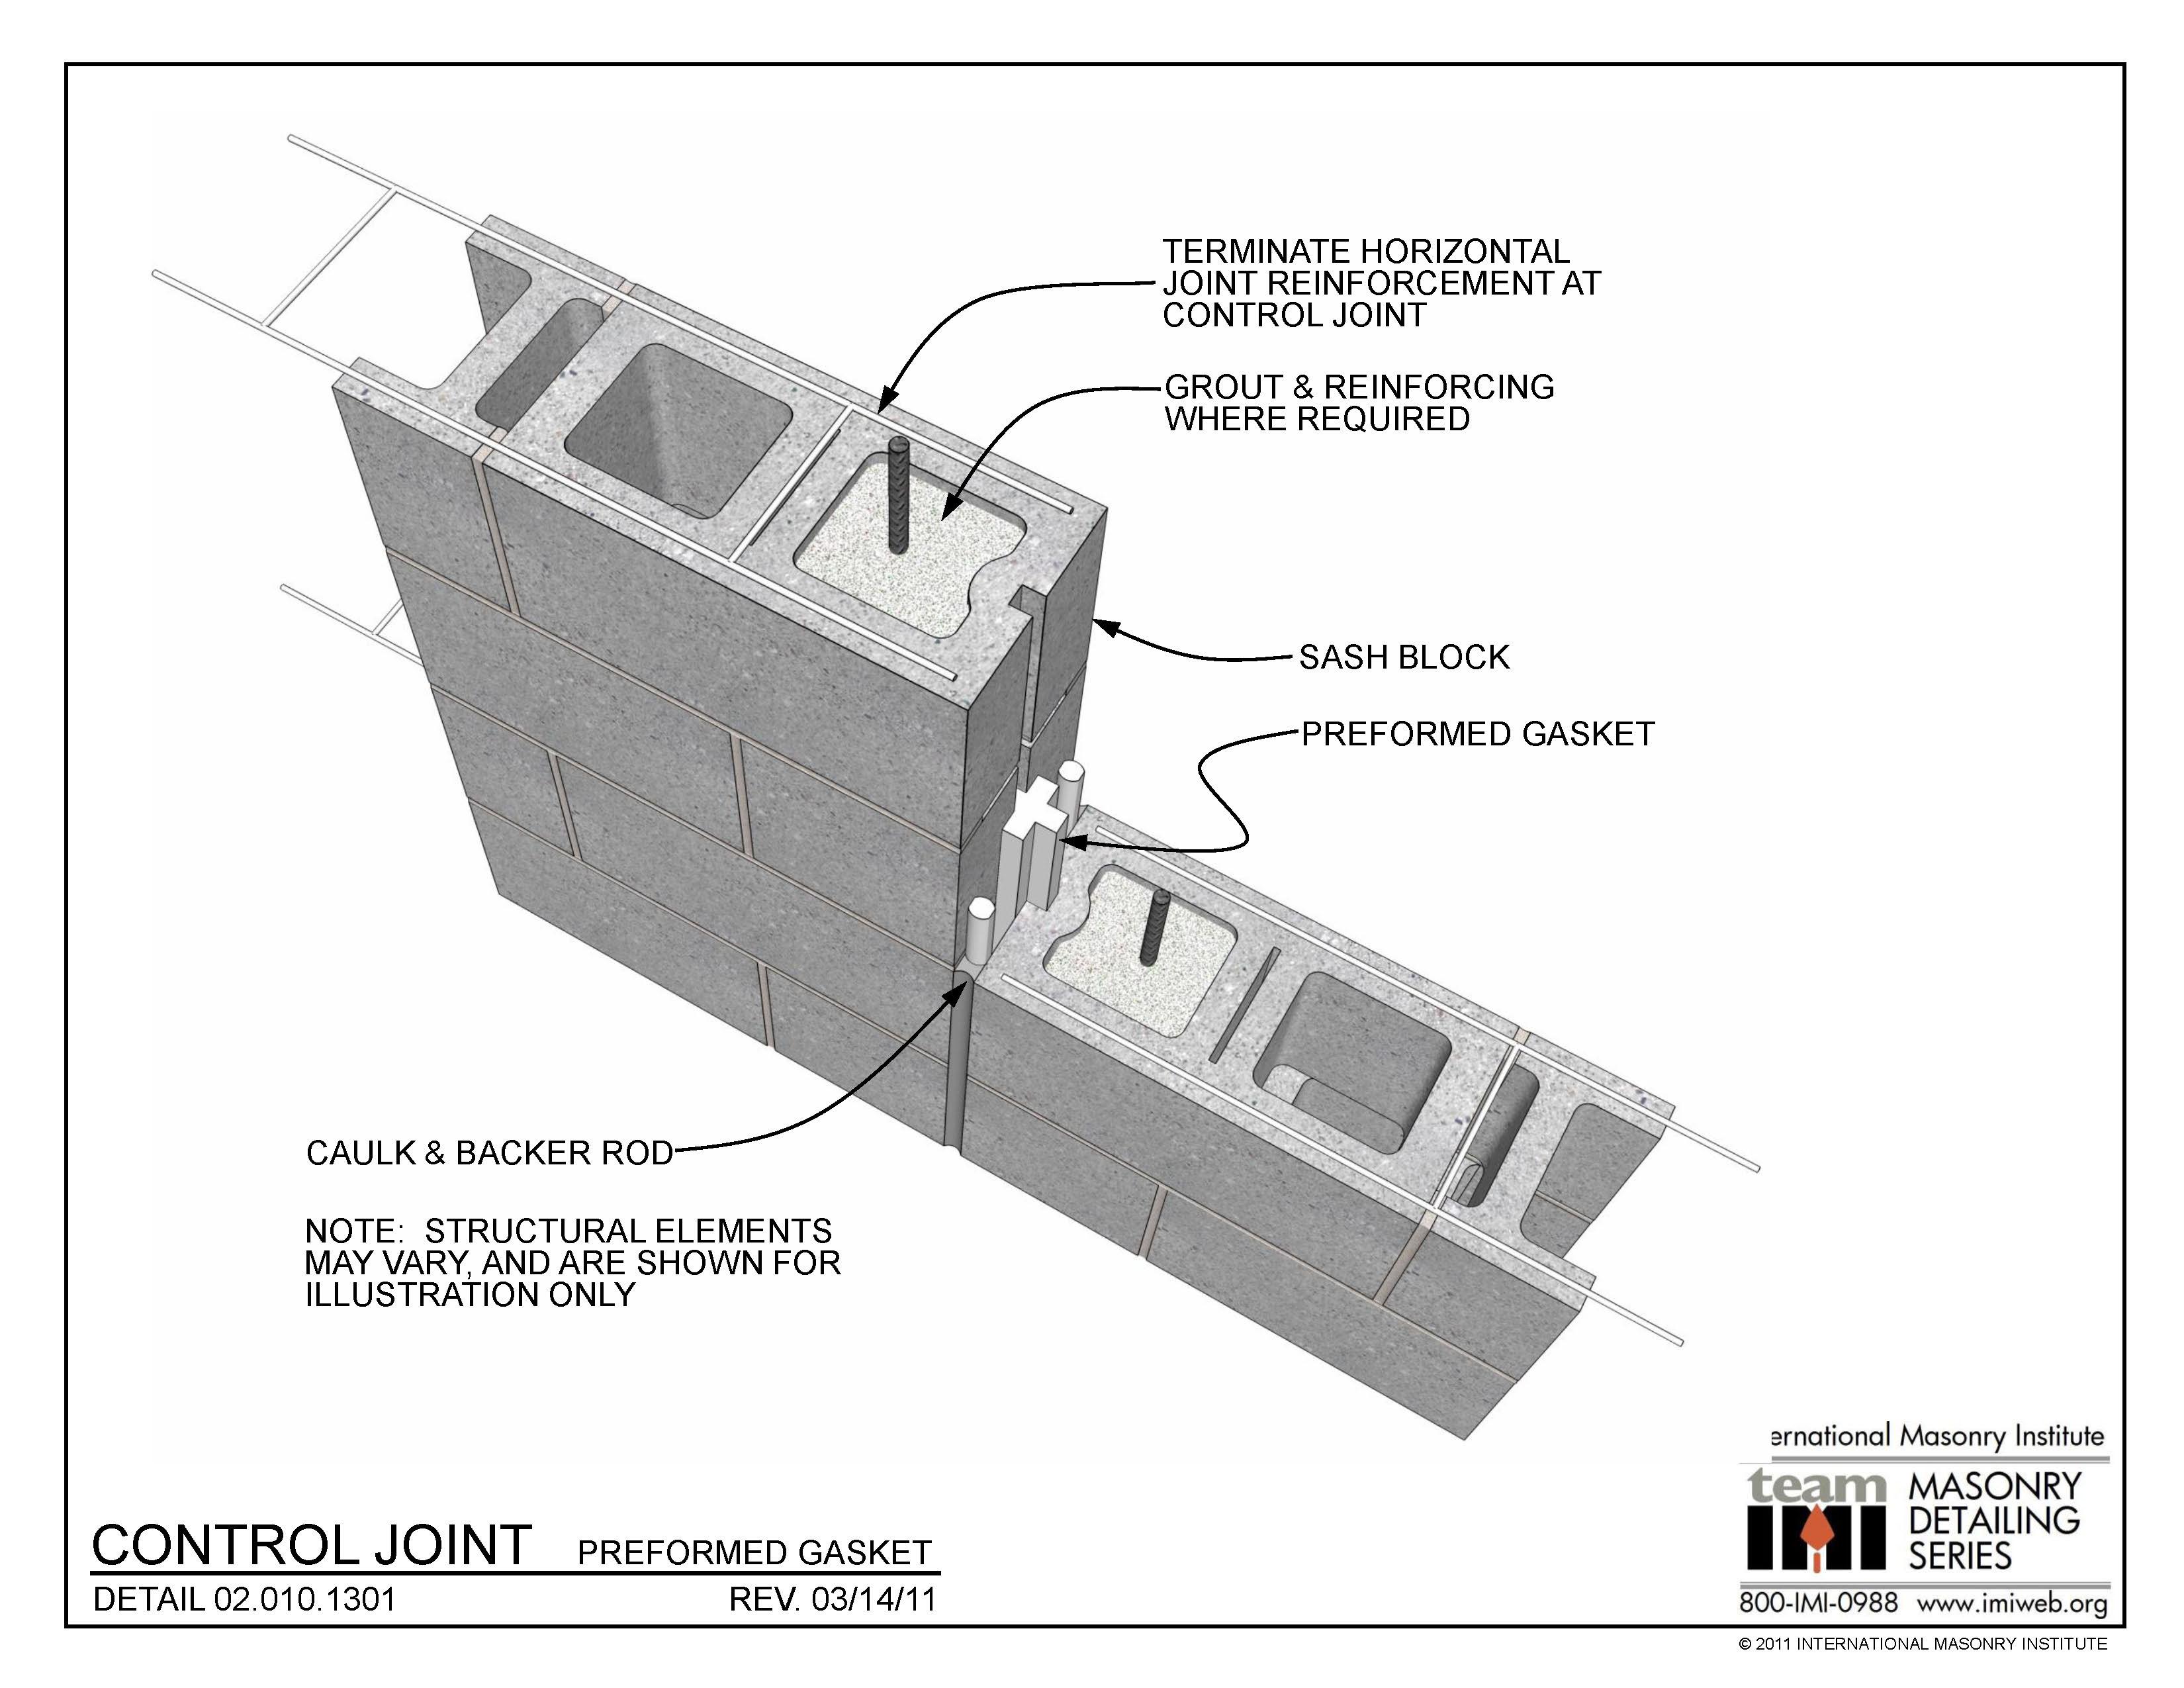 02 010 1301 Control Joint Preformed Gasket